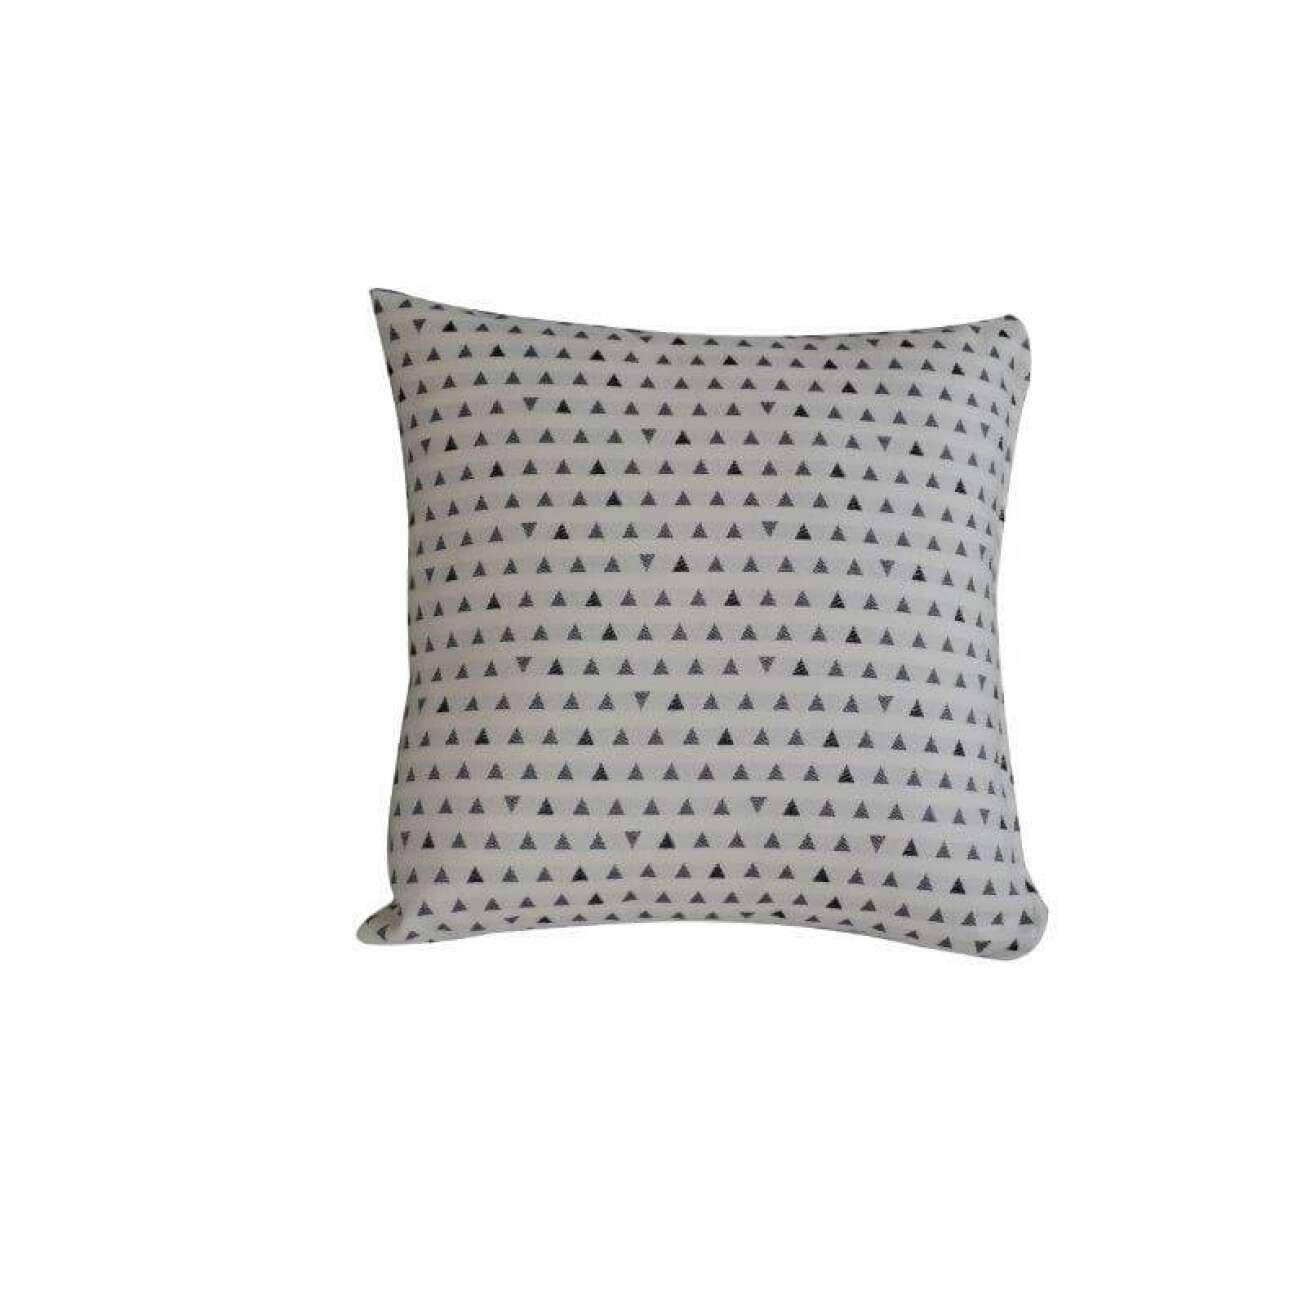 Hvit pute mønstret med mange sorte og grå triangler